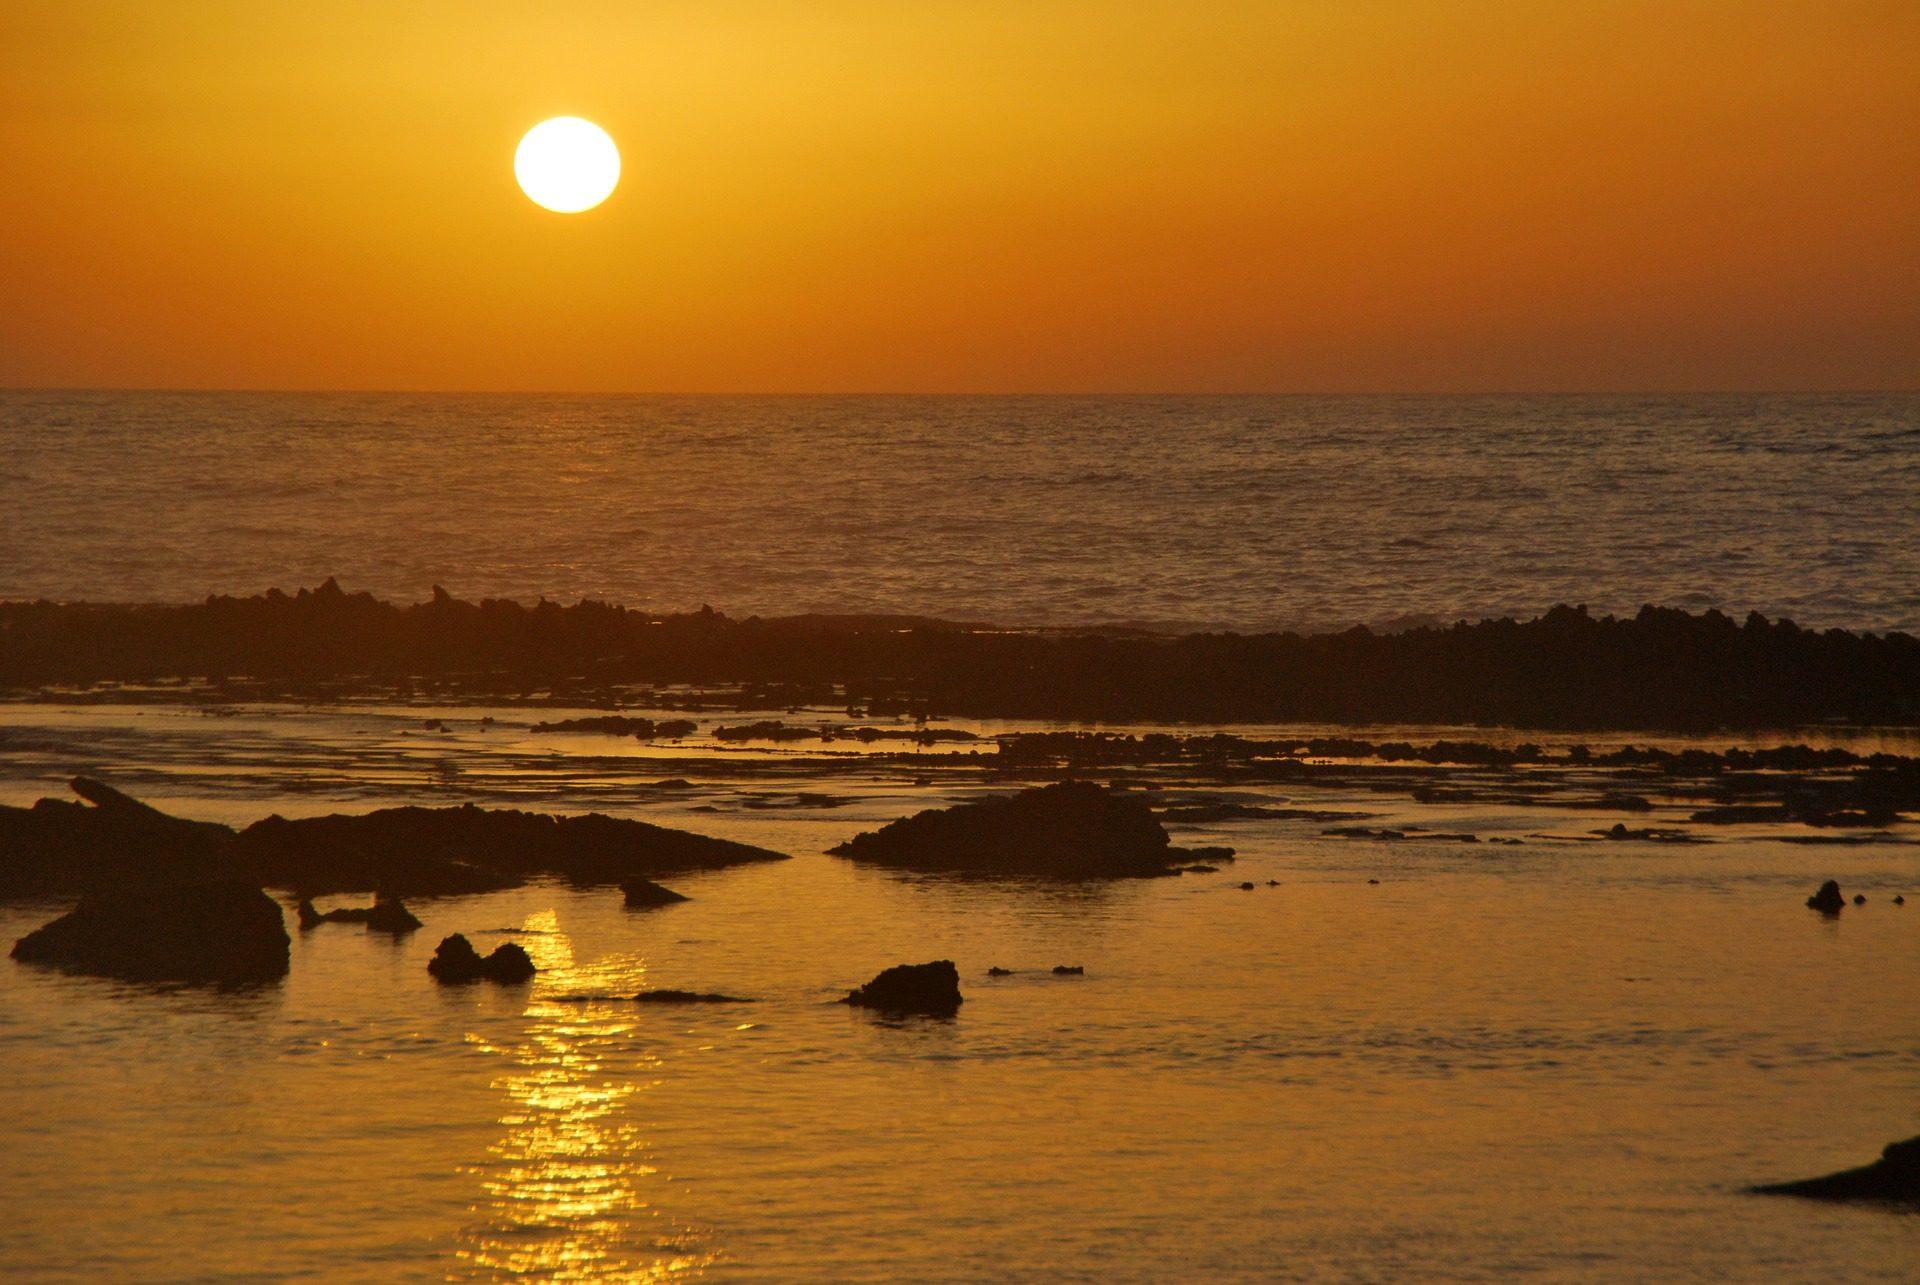 Παραλία, Θάλασσα, πέτρες, Ακτή, Ωκεανός, Κυρ, Ηλιοβασίλεμα - Wallpapers HD - Professor-falken.com